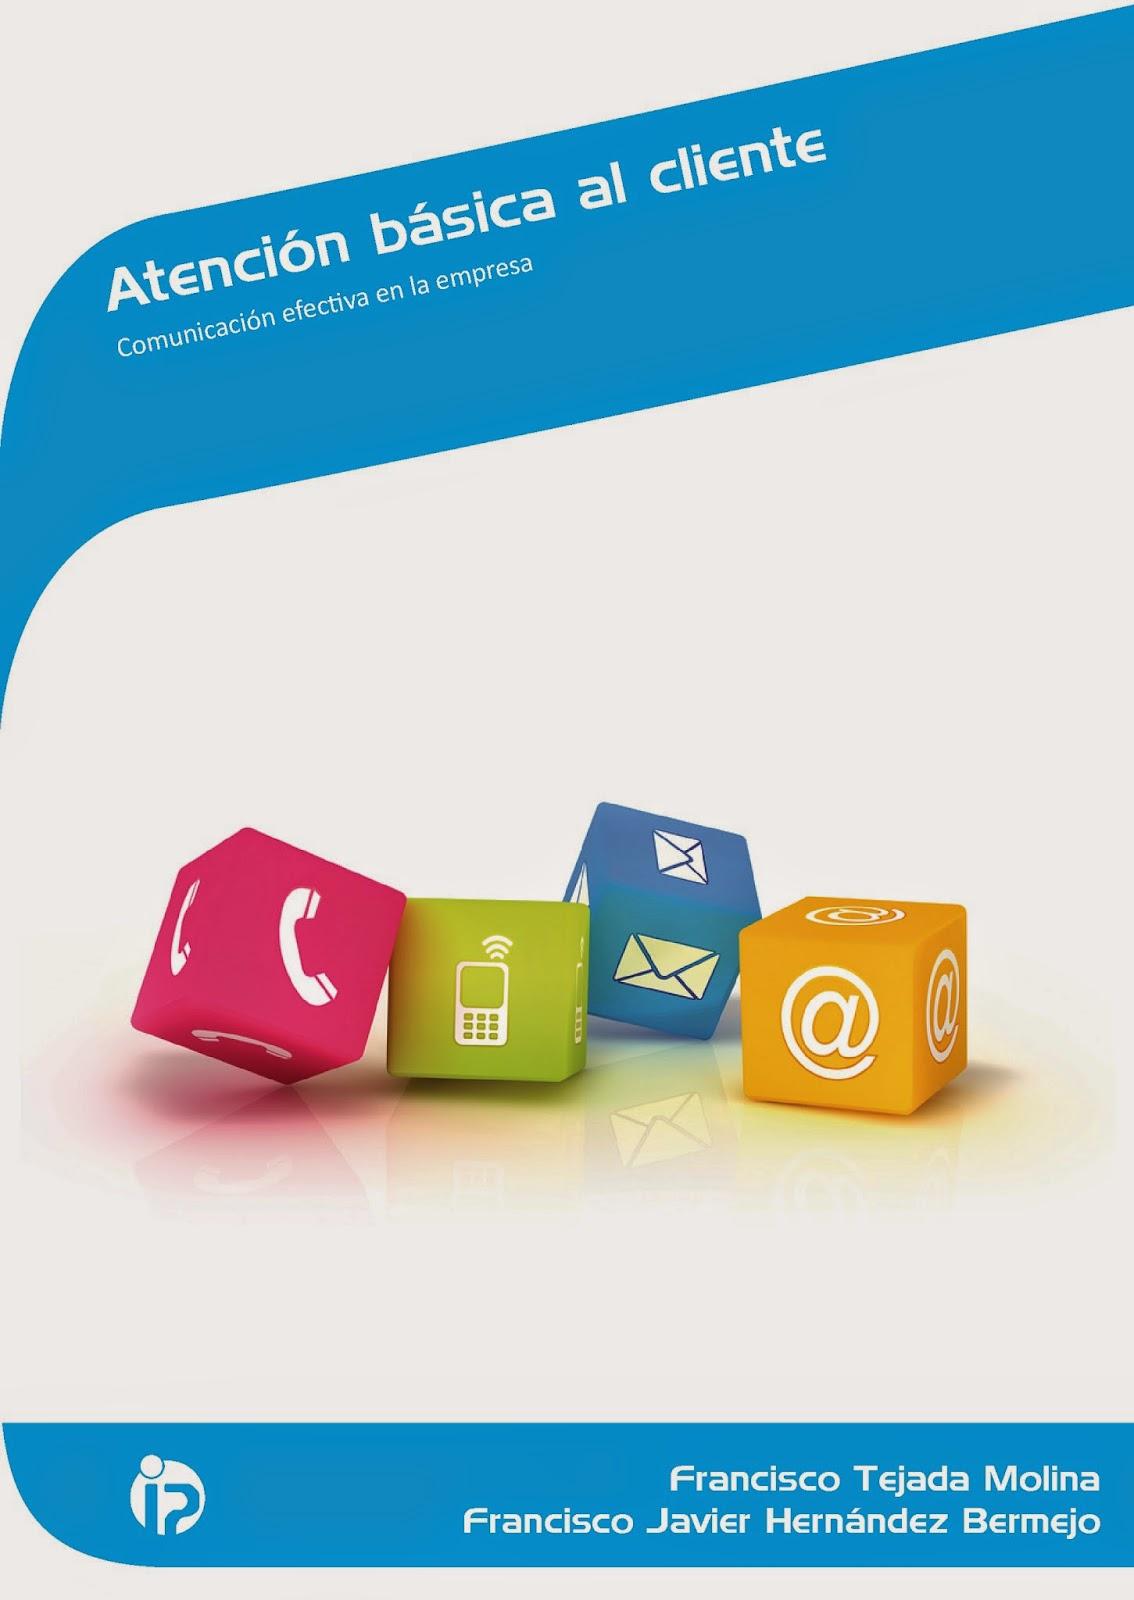 http://www.ideaspropiaseditorial.com/na/es/shop/actividades-auxiliares-de-comercio/manual/atencion-basica-al-cliente.aspx